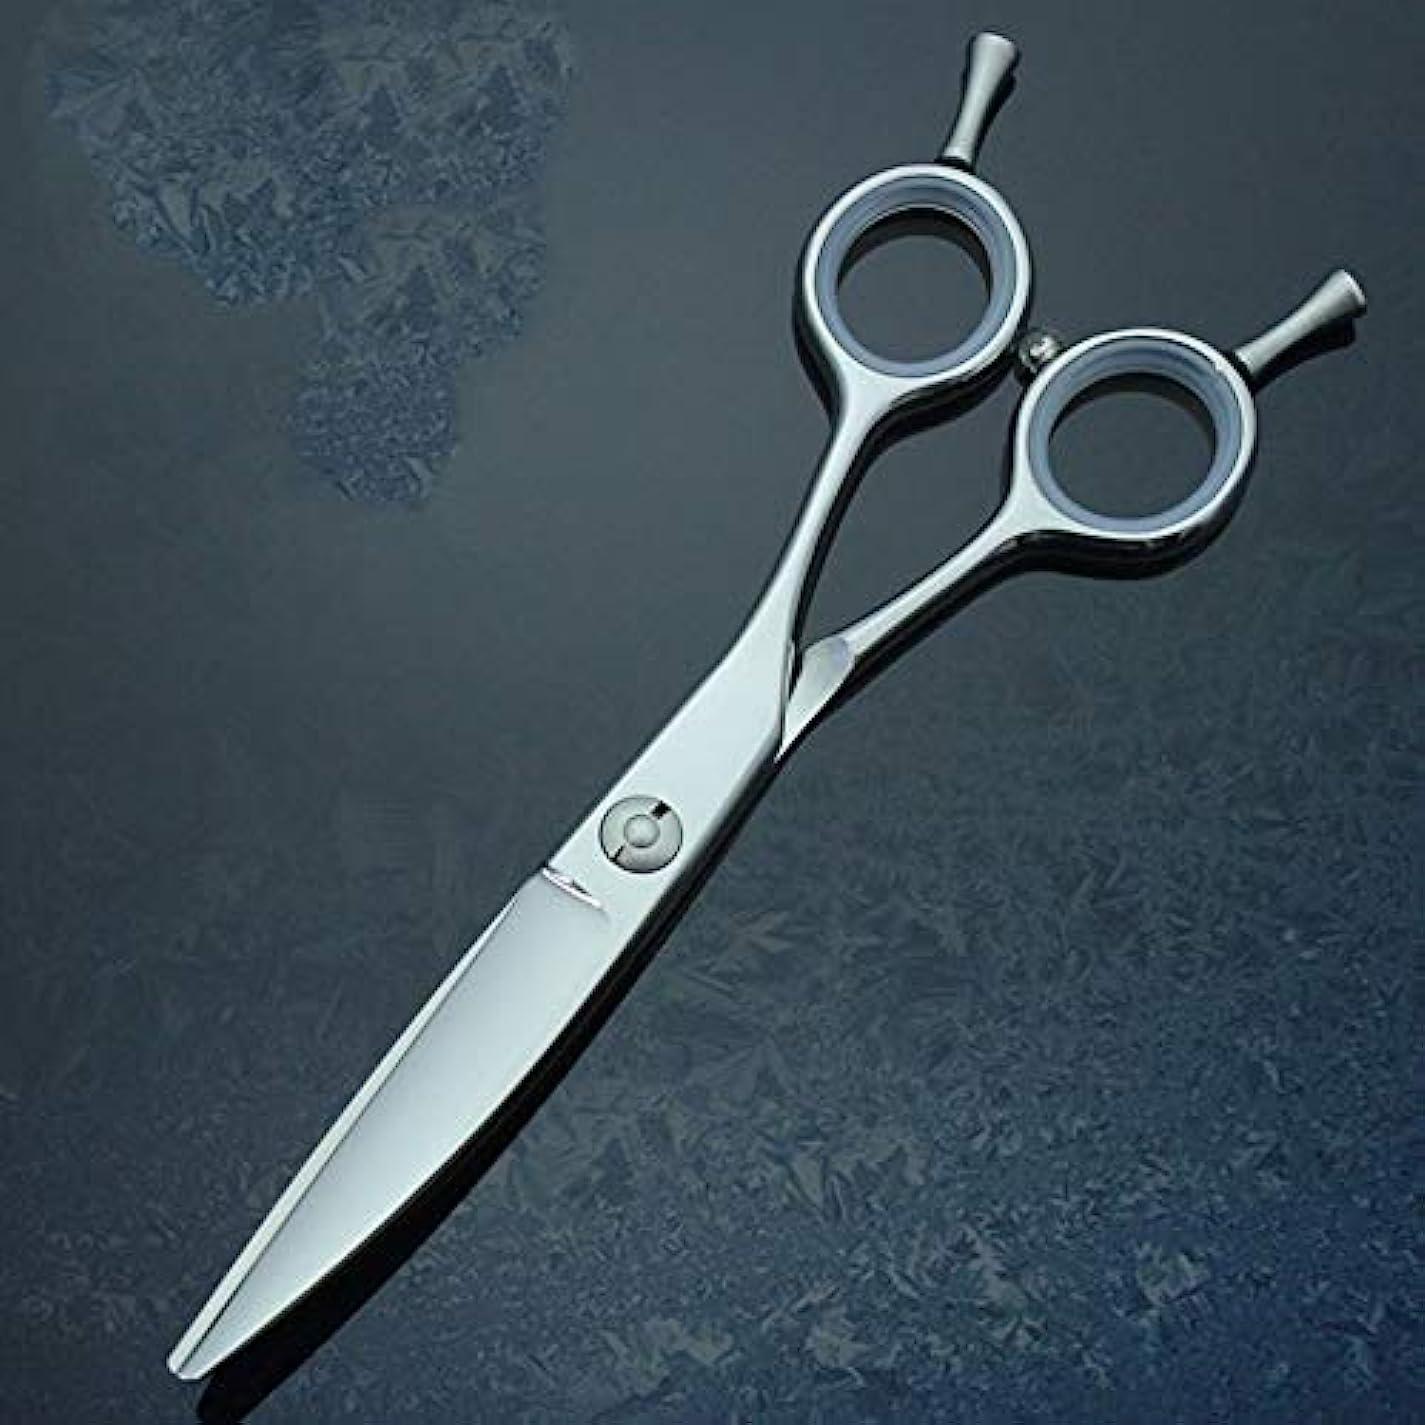 ブルジョン想定する義務WASAIO 理髪ウィローワープ曲げせん断6.0インチに設定し、歯を薄くヘアカットのはさみはさみプロフェッショナルMustacheProfessional理容サロンレイザーエッジツール (色 : Silver)